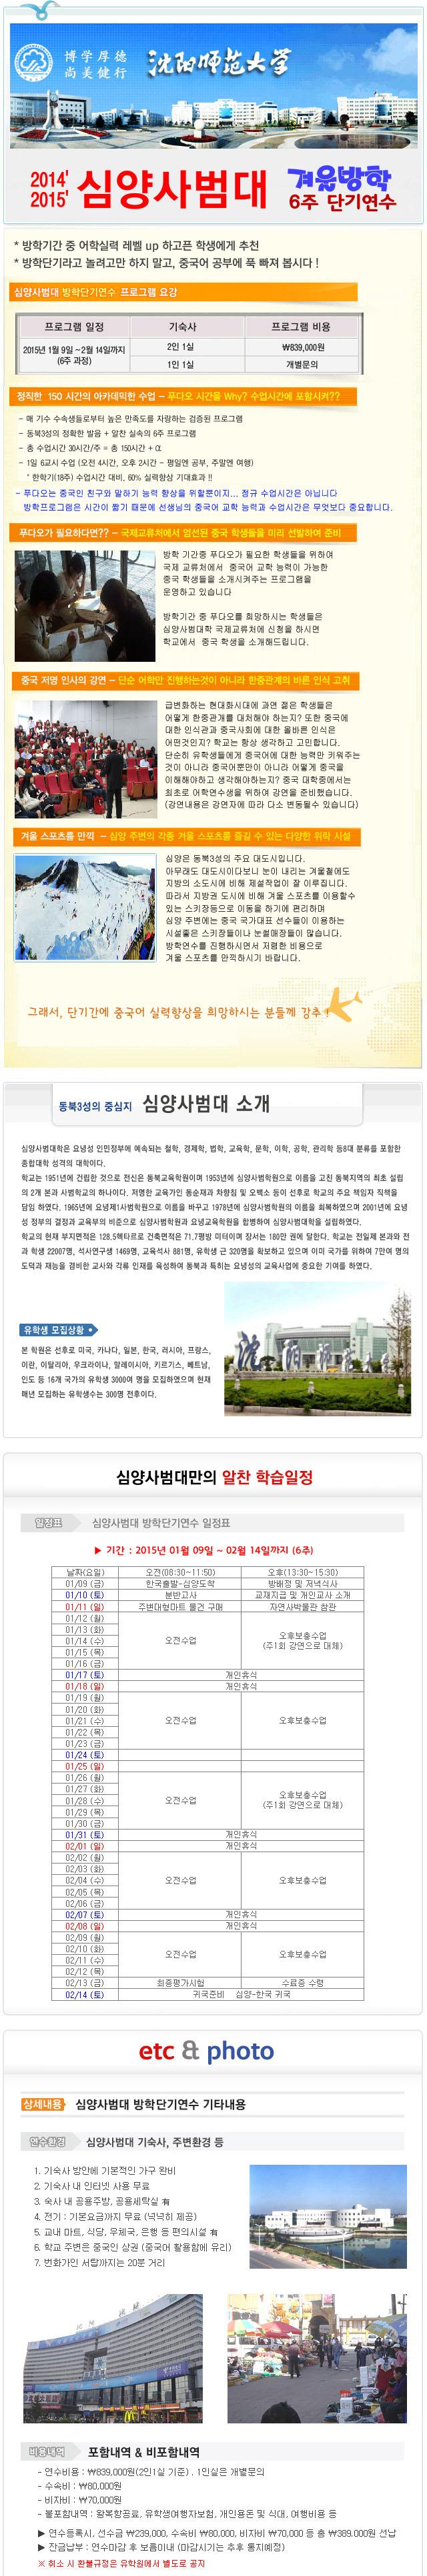 심양사범대학 2014년 겨울방학단기연수1.jpg